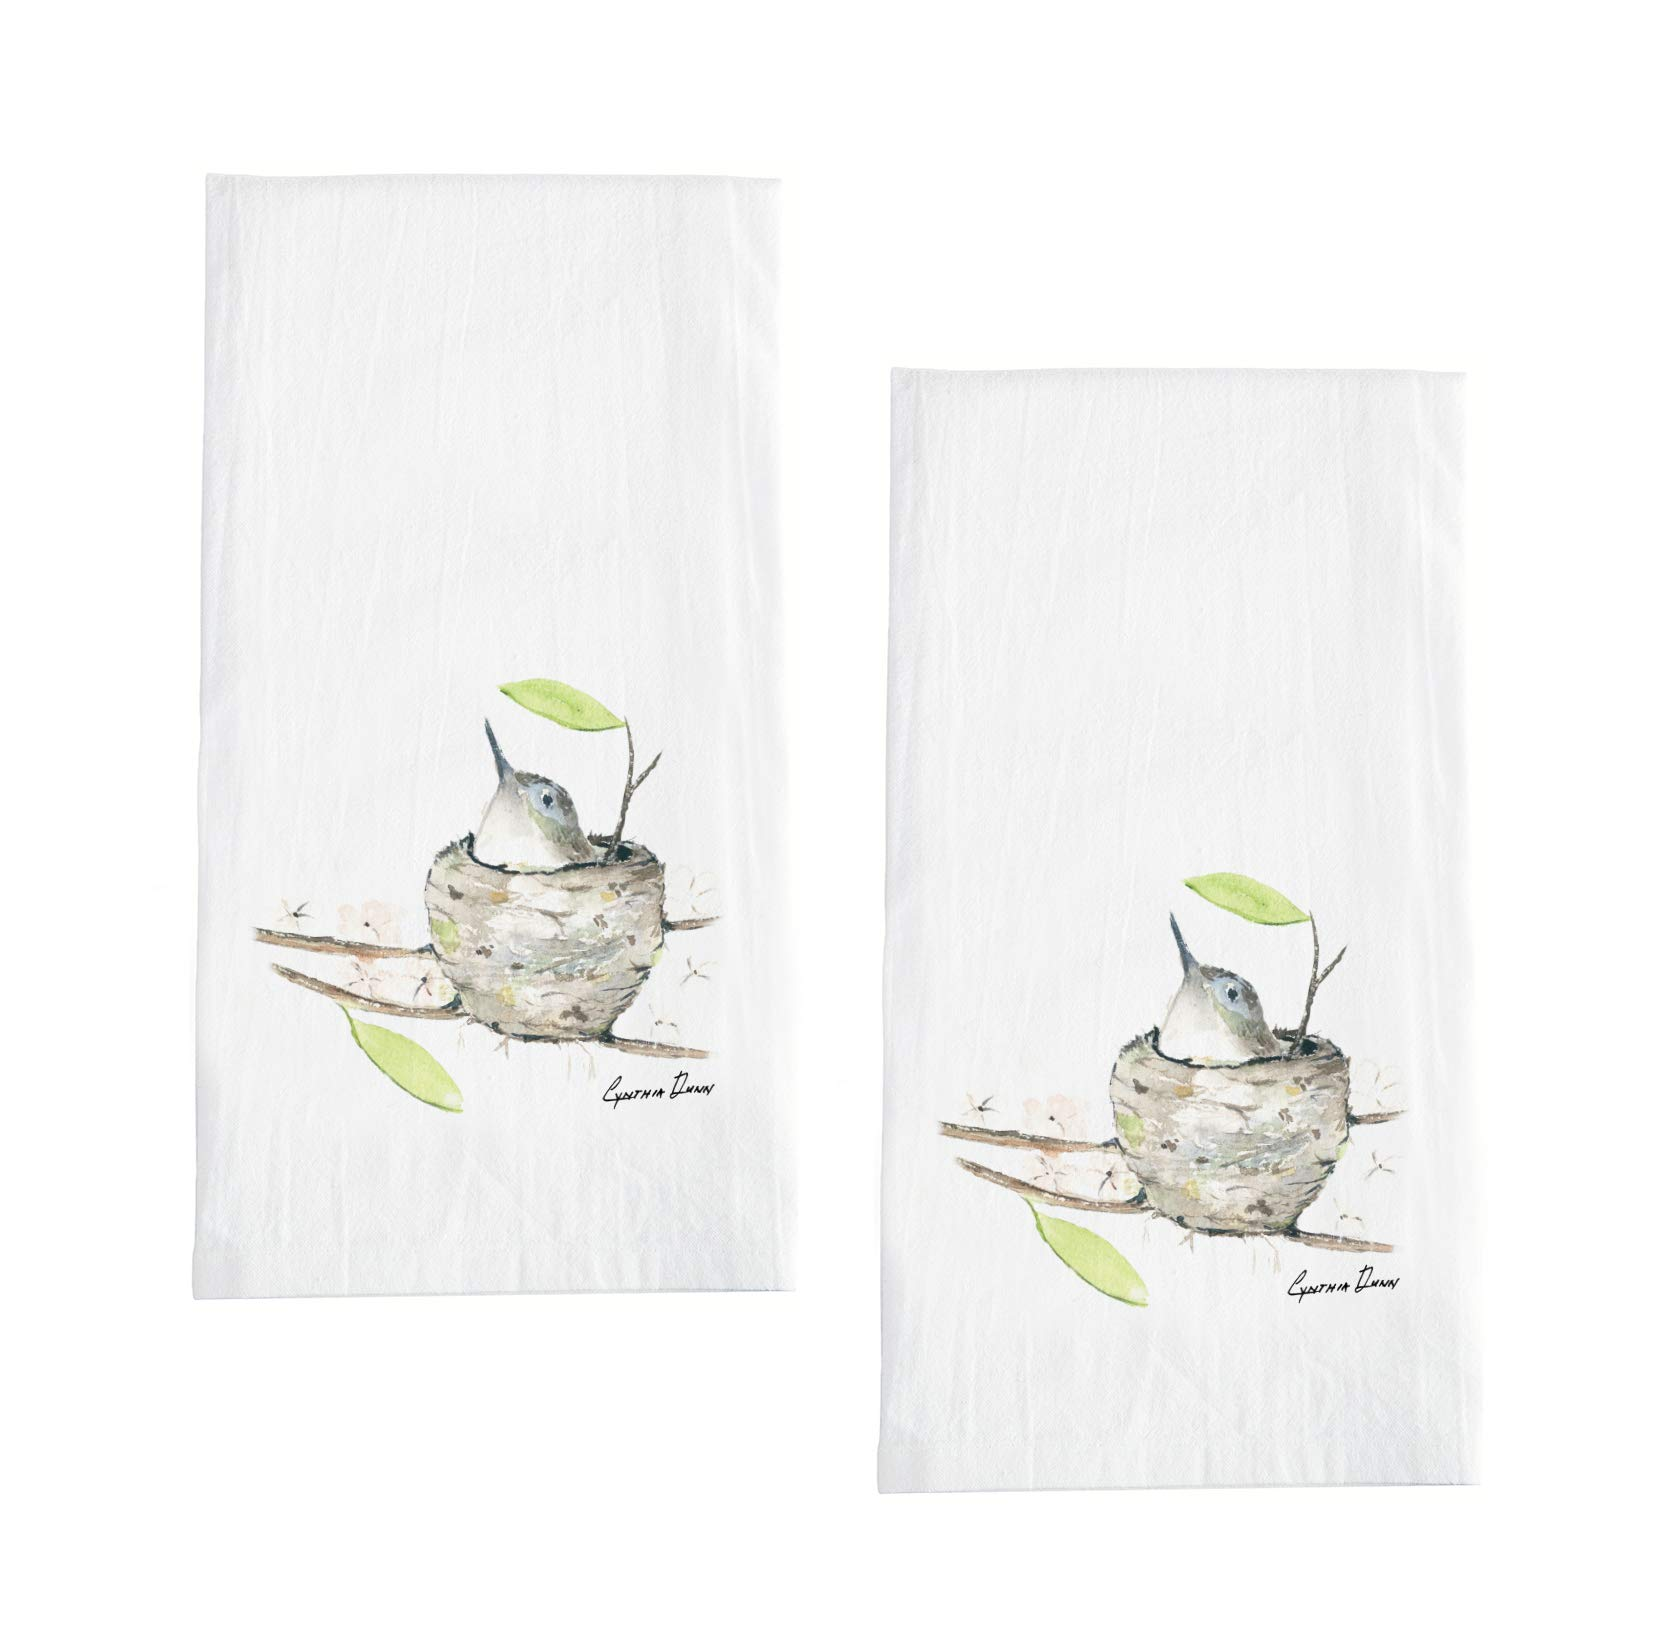 Sullivans Set of 2 Cotton Flour Sack Hand Towels with Watercolor Bird Motif - 28''x28''